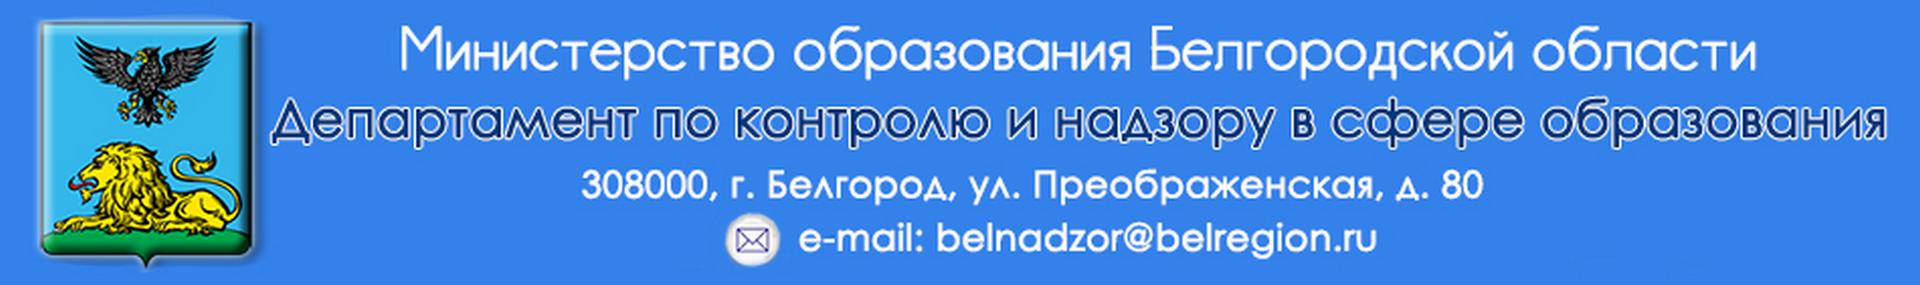 Управление по контролю и надзору в сфере образования Белгородской области